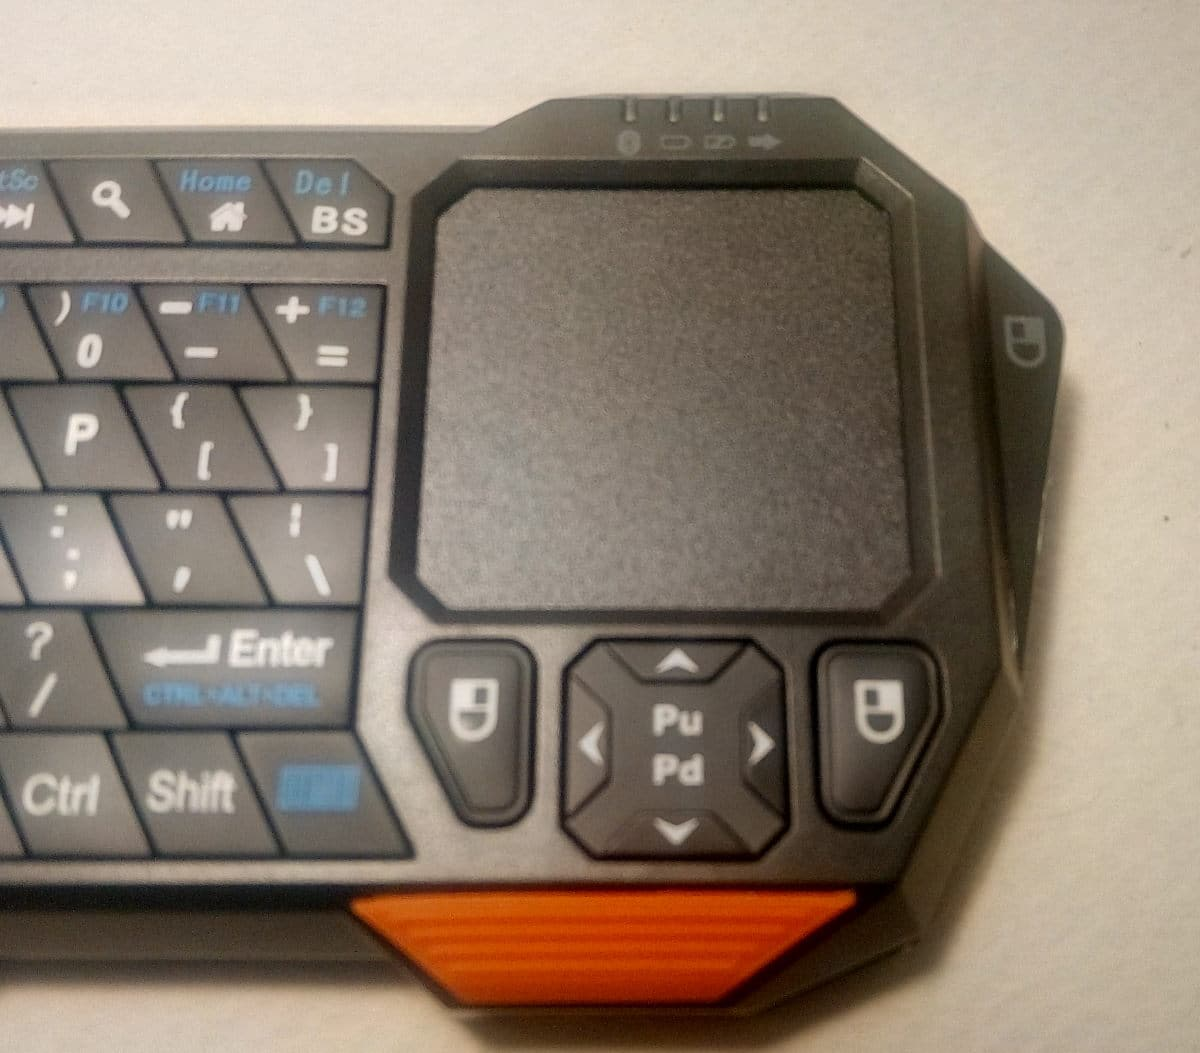 Μίνι πληκτρολόγιο touchpad